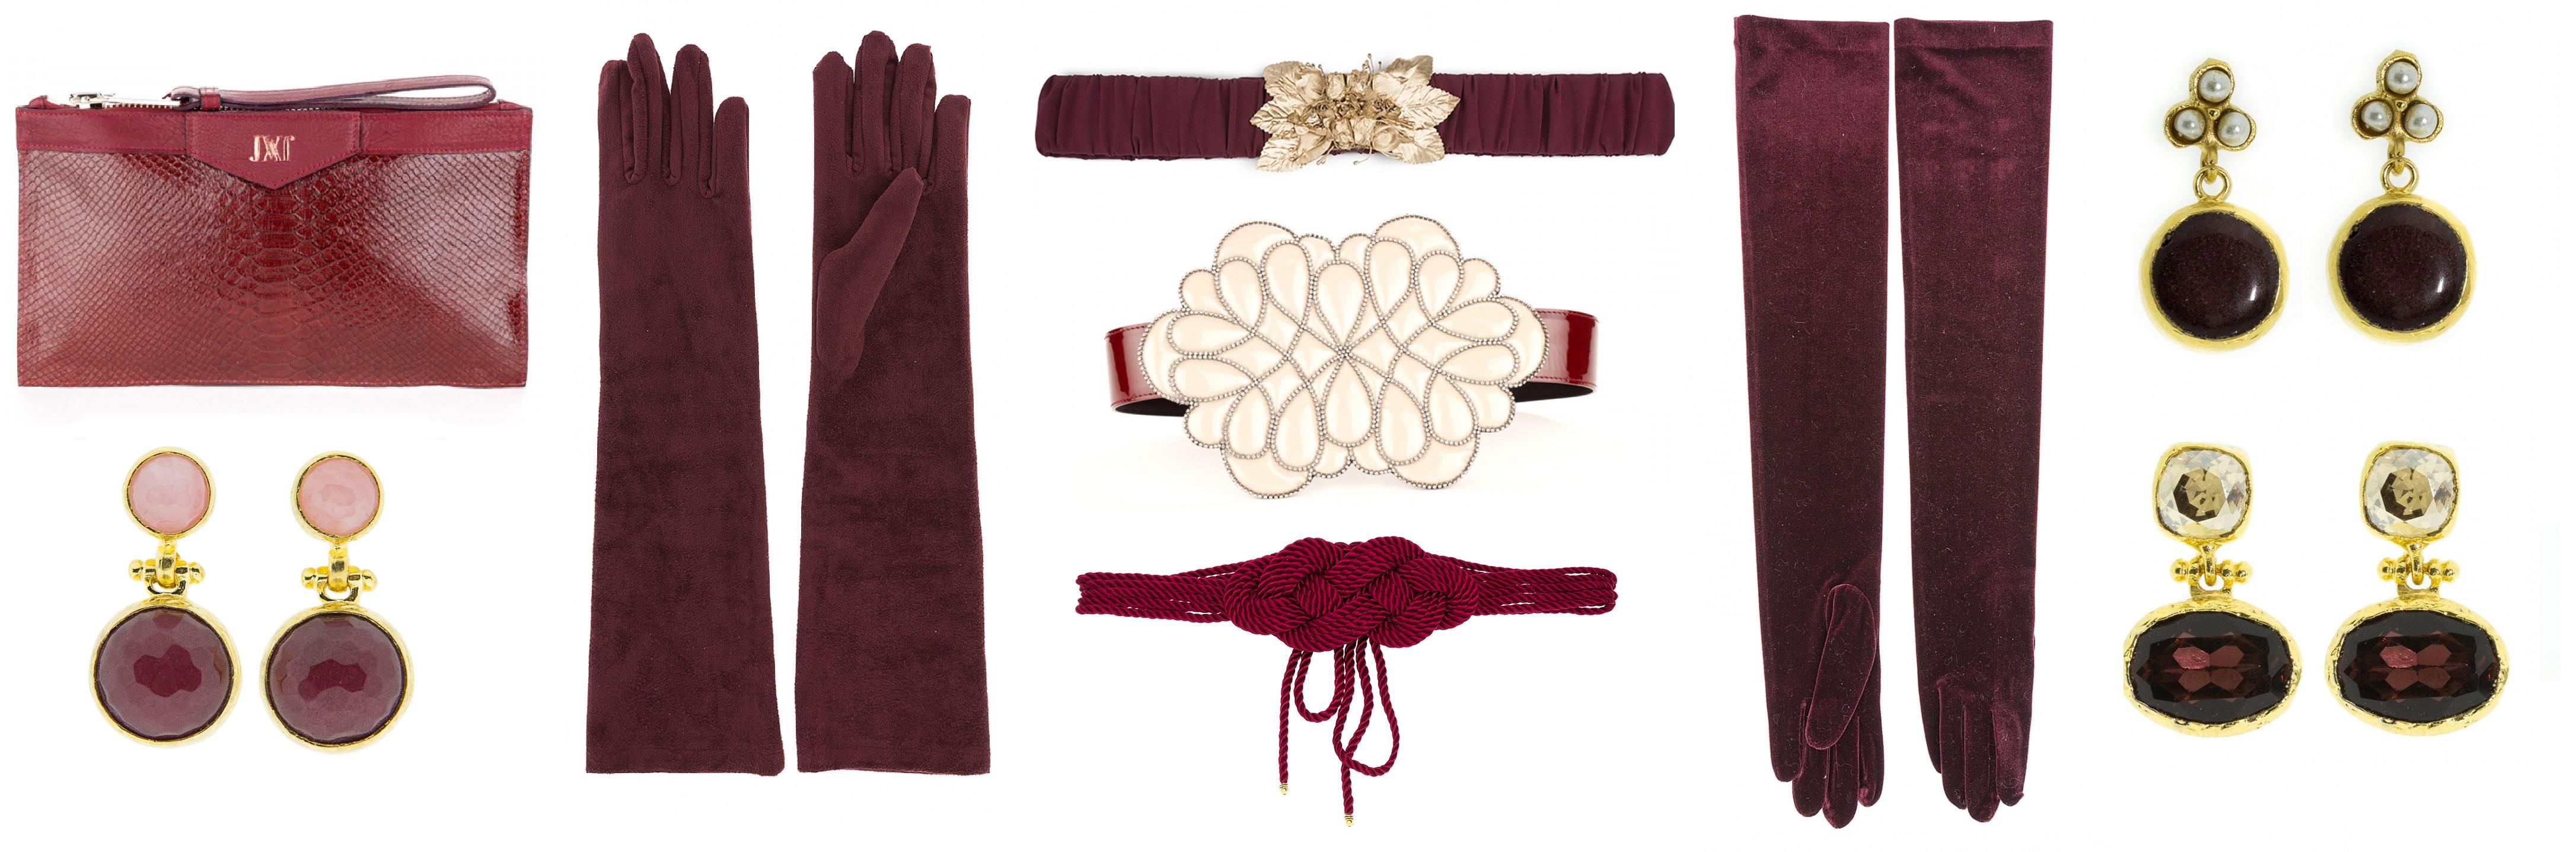 accesorios color burdeos marsala burgundy www.lamasmona.com